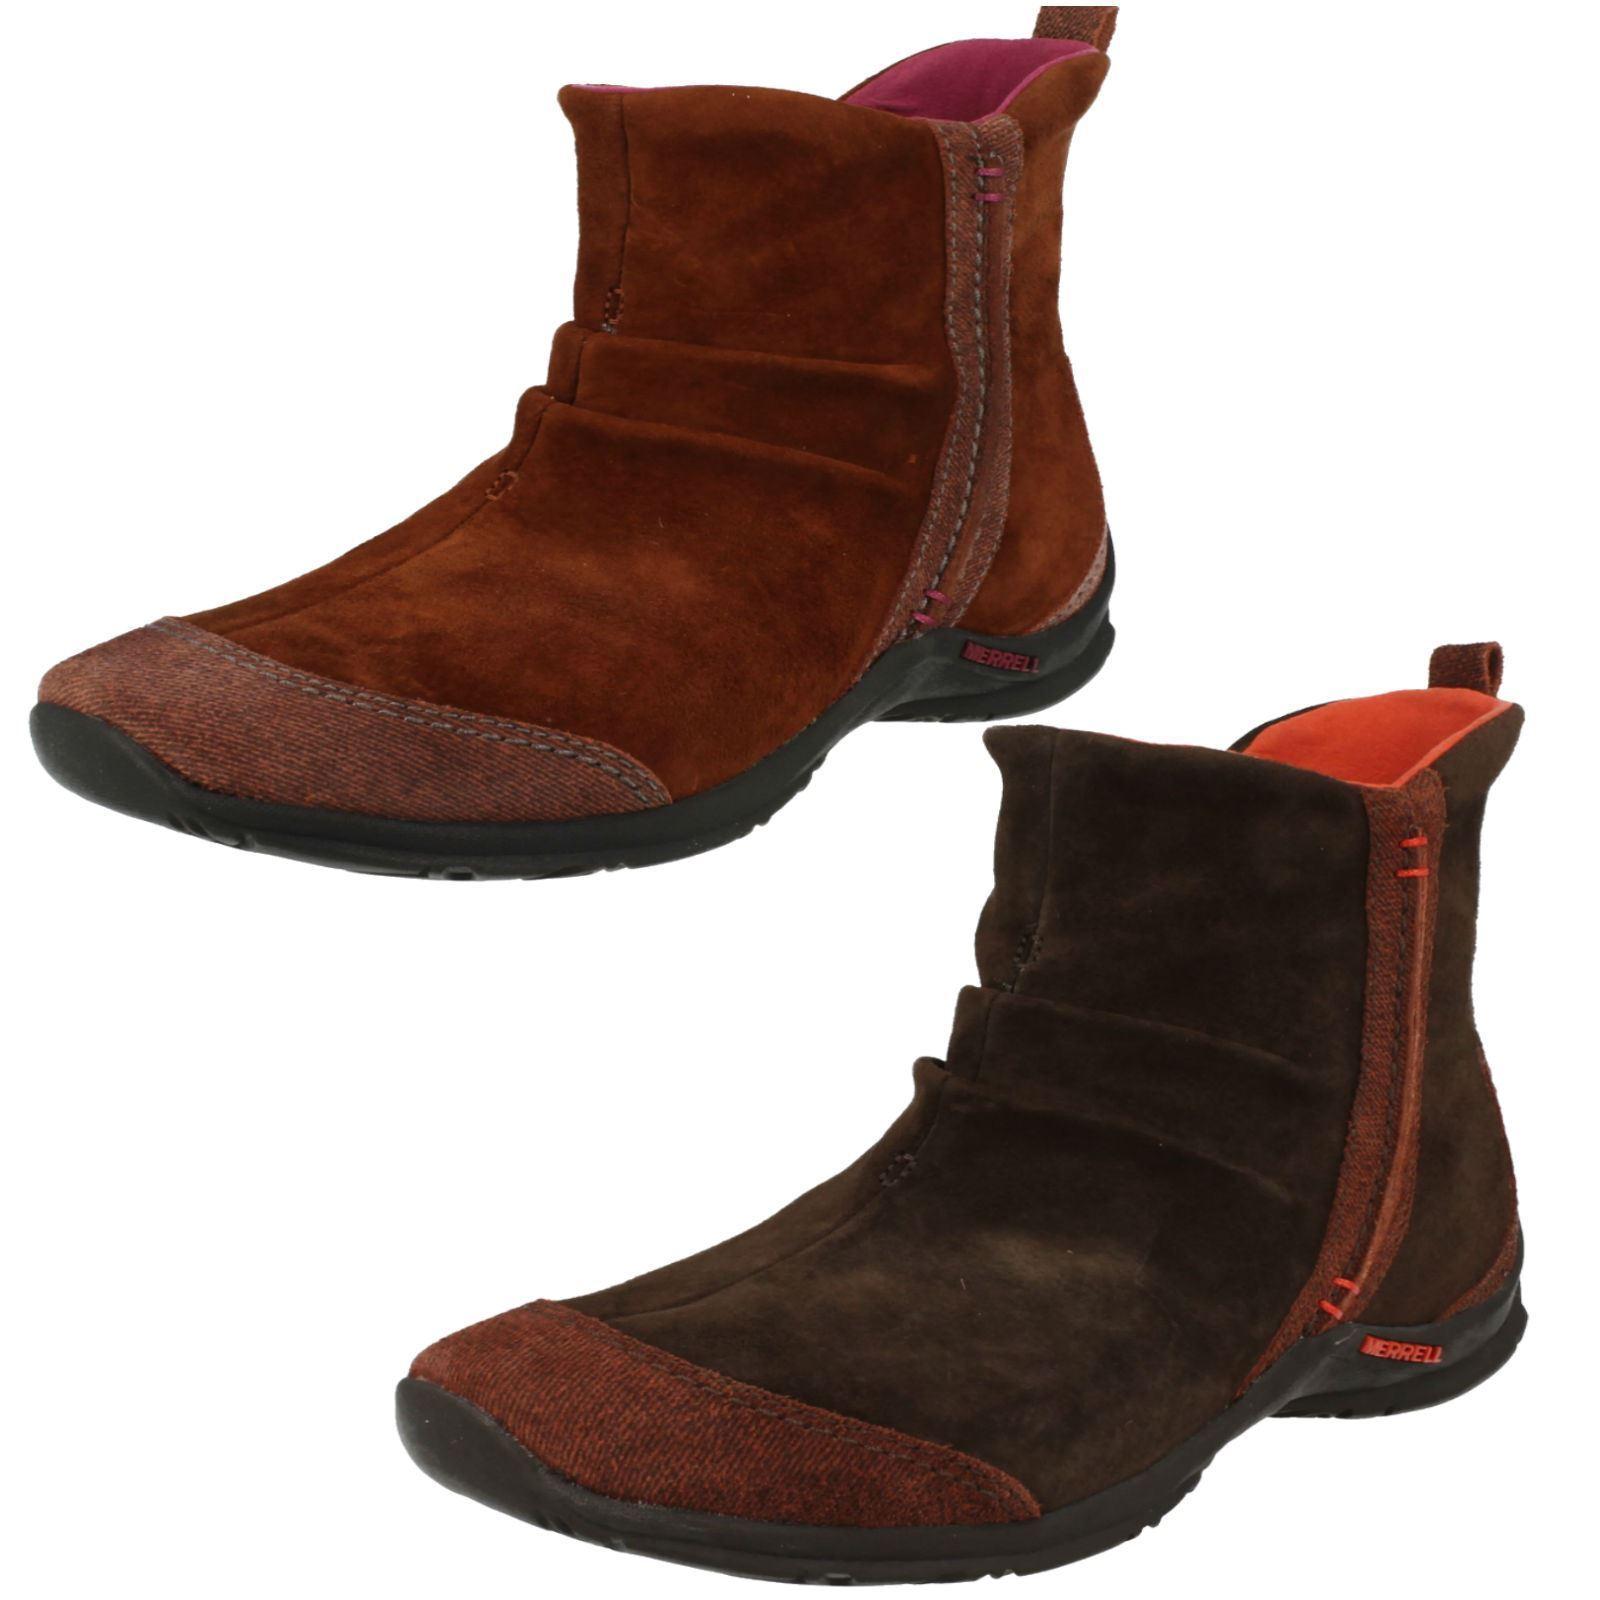 Señoras Merrell Informal Informal Informal botas al Tobillo 'Madrasa'  mejor marca